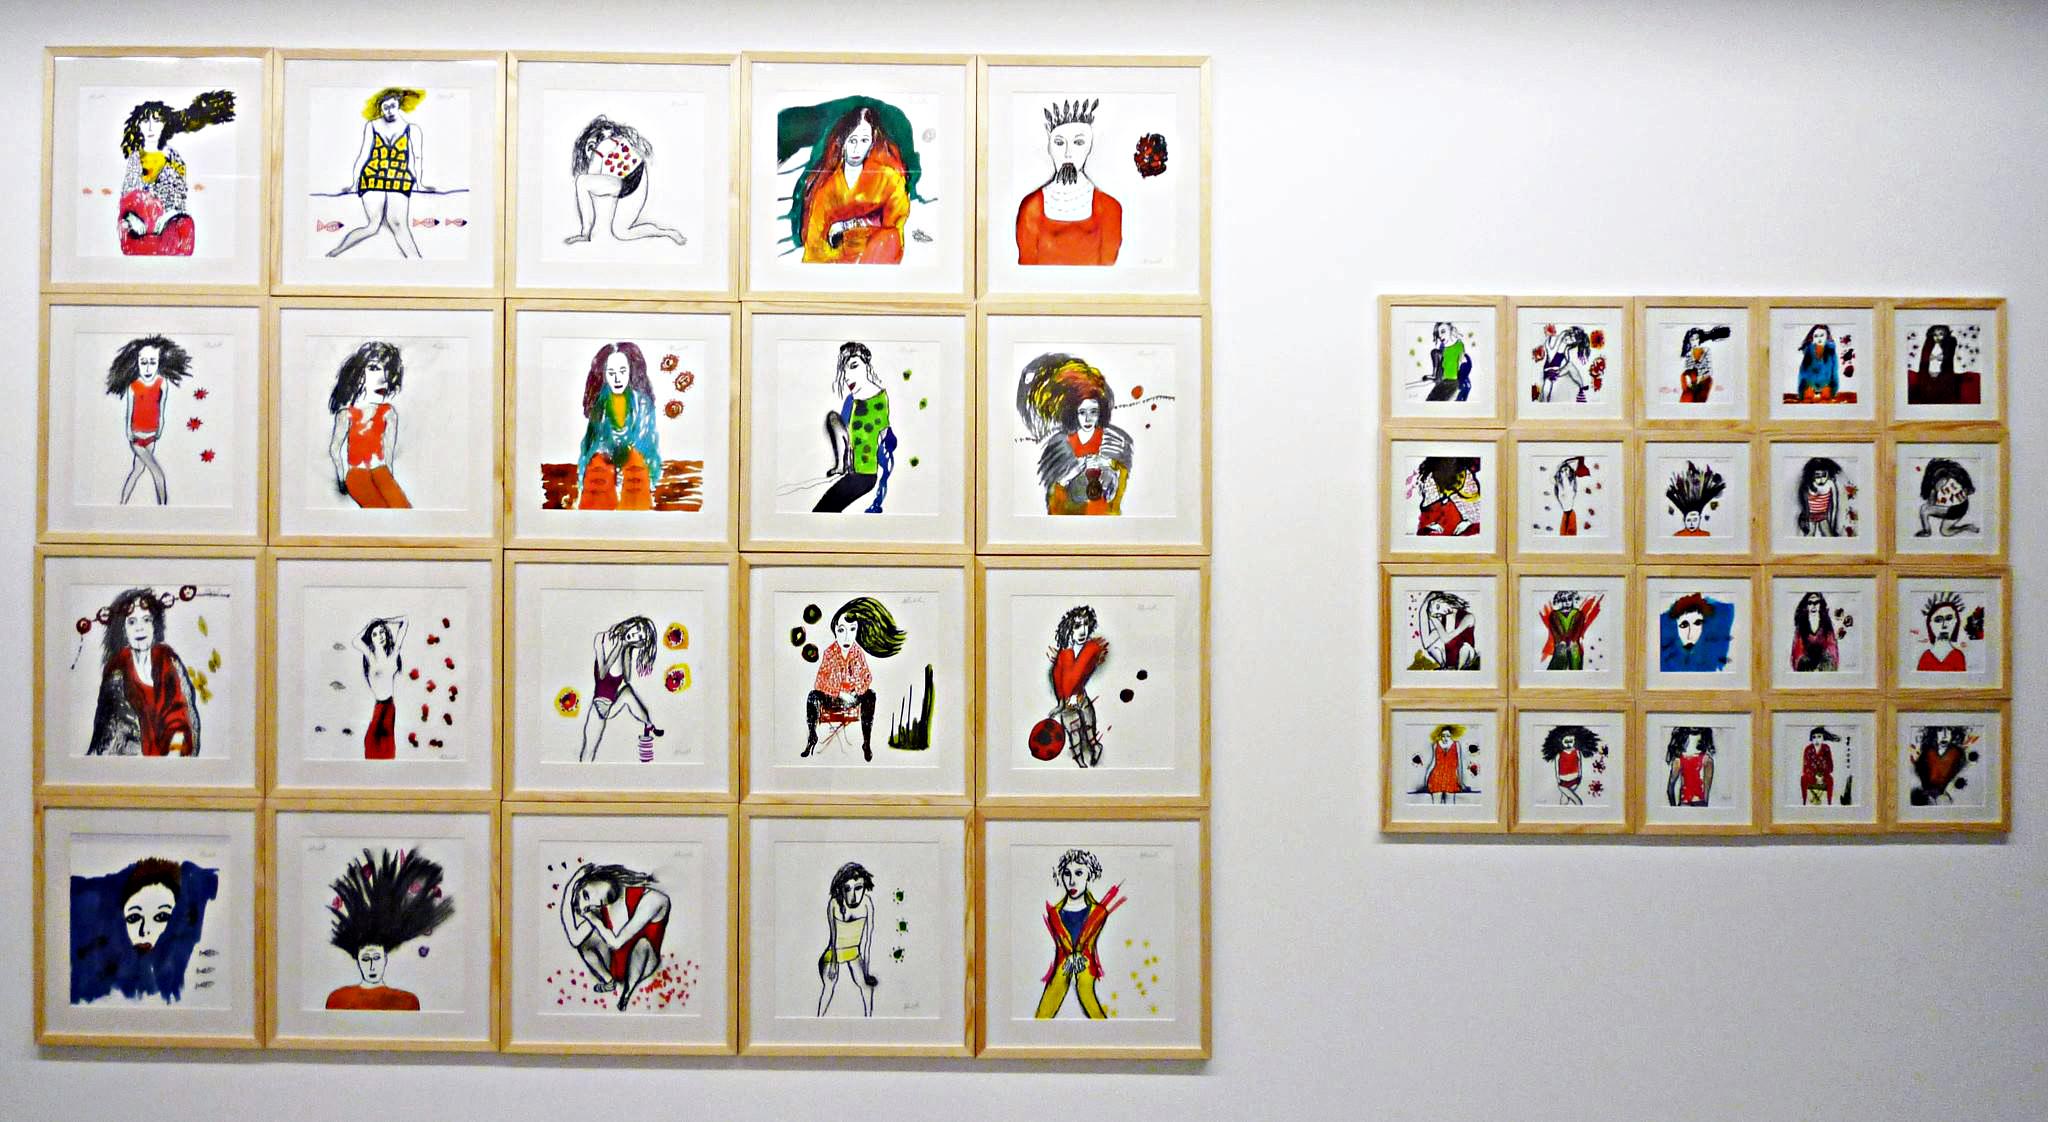 Proroga della mostra di Dominique Albertelli alla Galerie Olivia Ganancia